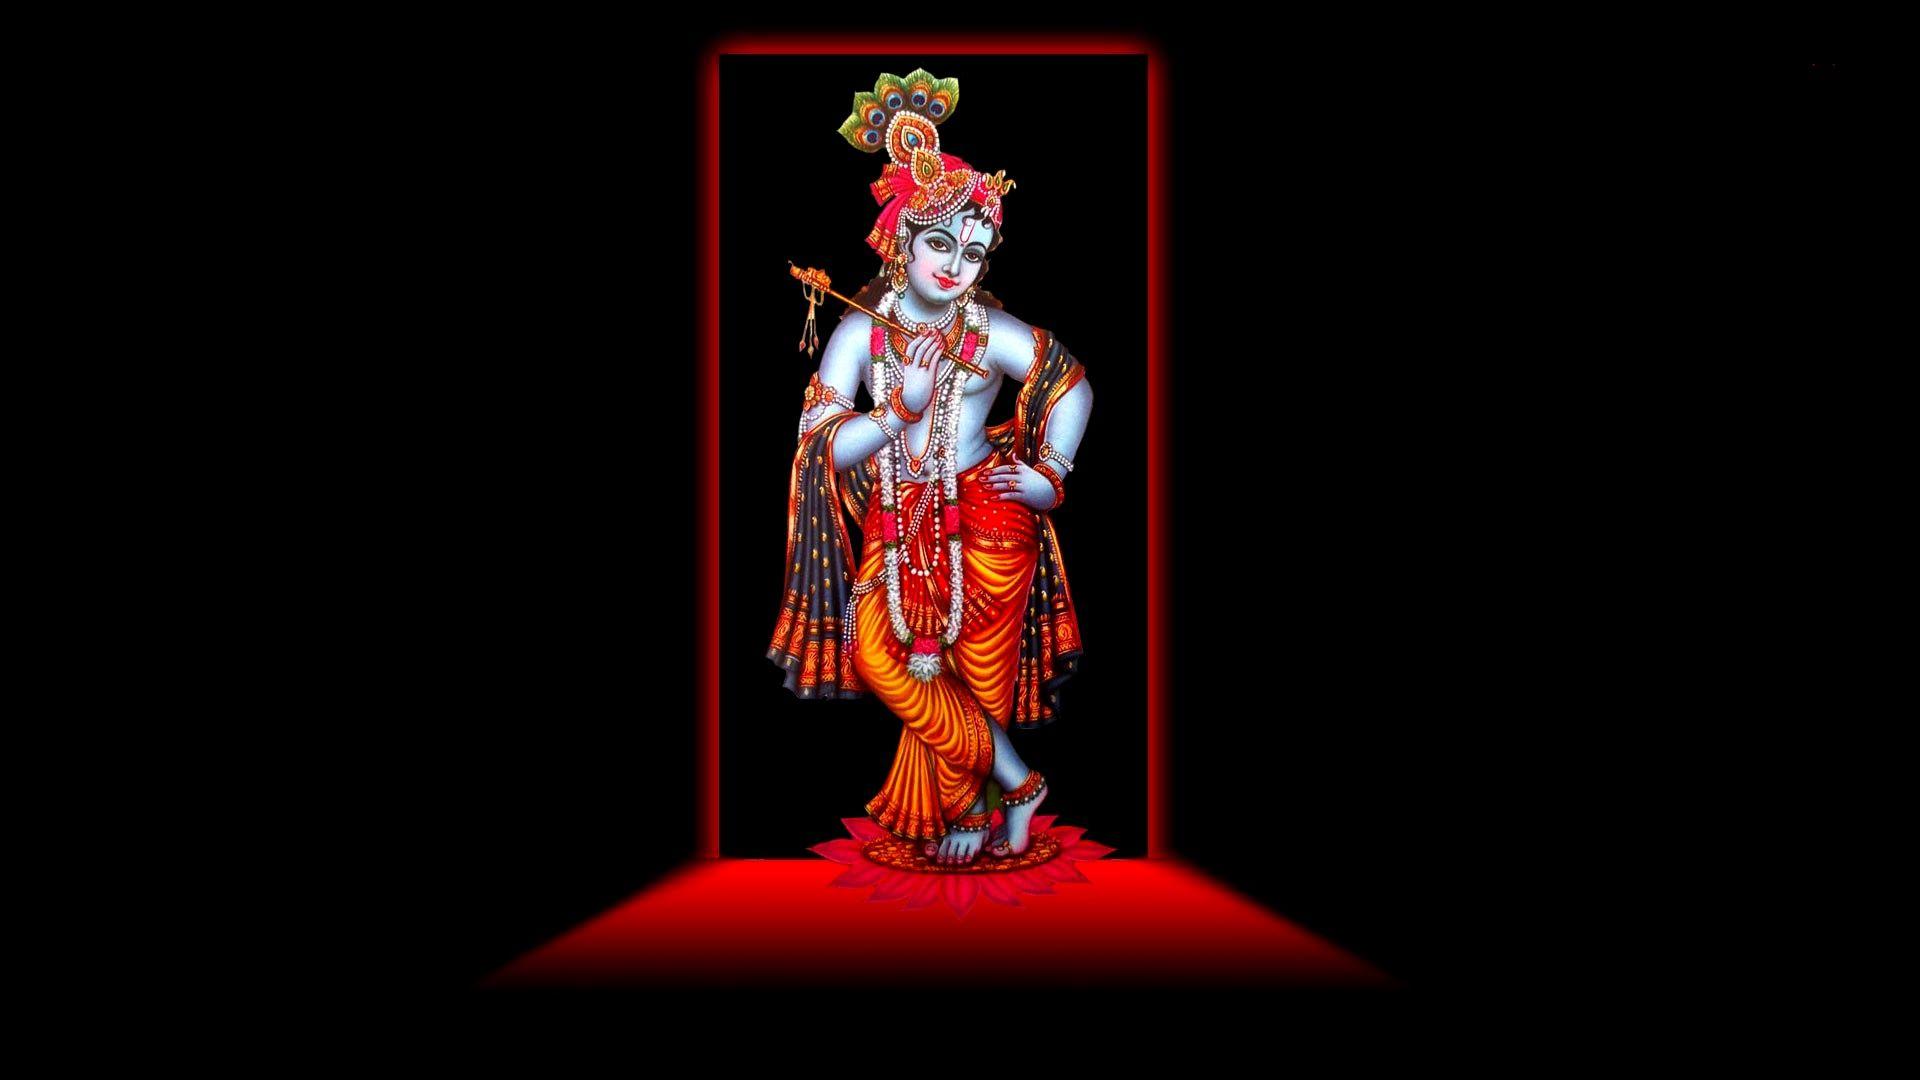 Wallpaper Hd 4k Krishna Gallery Hd Wallpapers 1080p Lord Krishna Hd Wallpaper Horror Wallpapers Hd